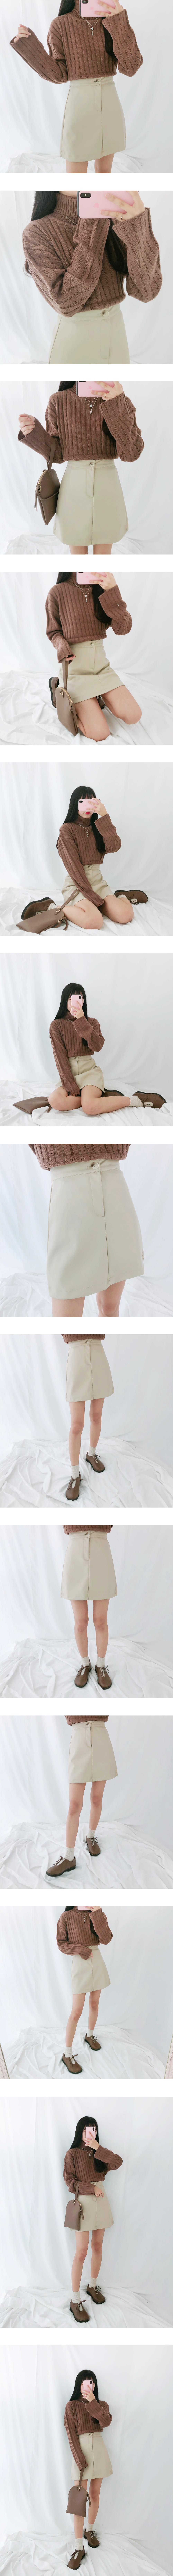 281 leather miniskirt